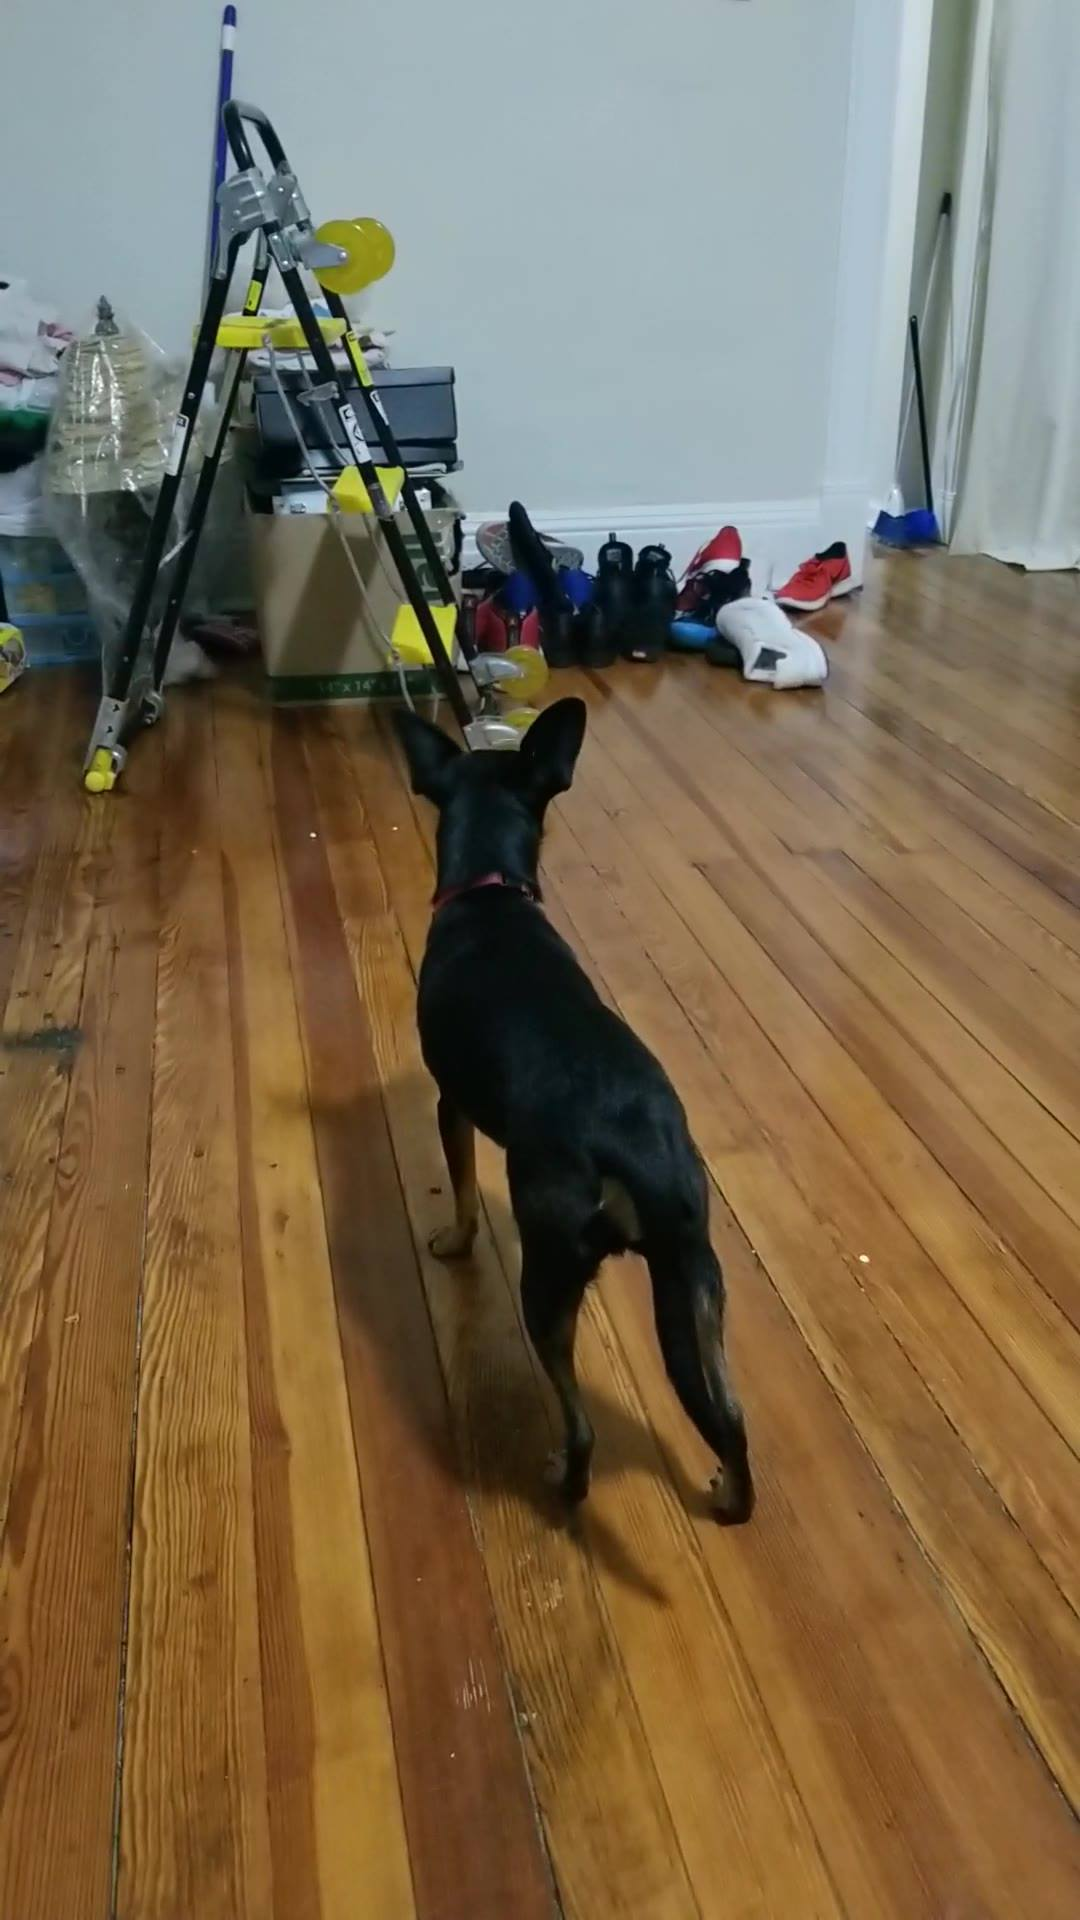 Cachorros Se Comunicando A Distância, Veja Como Eles Fazem Isso!